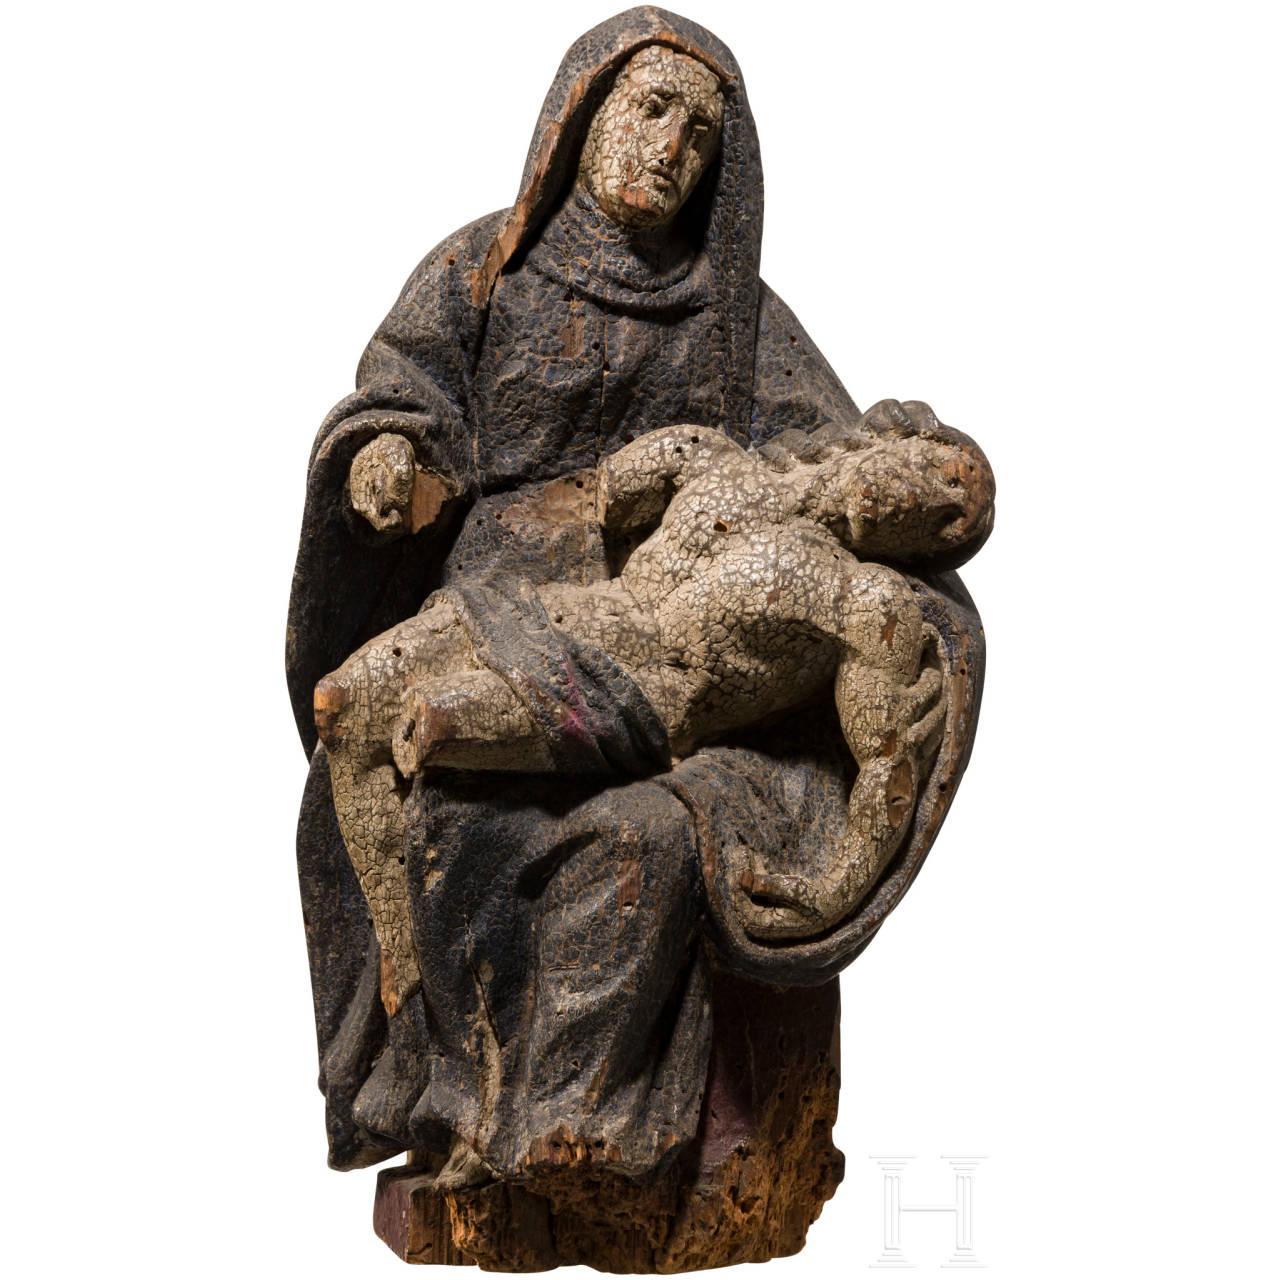 Pietà, Zentralfrankreich, 17. Jhdt.